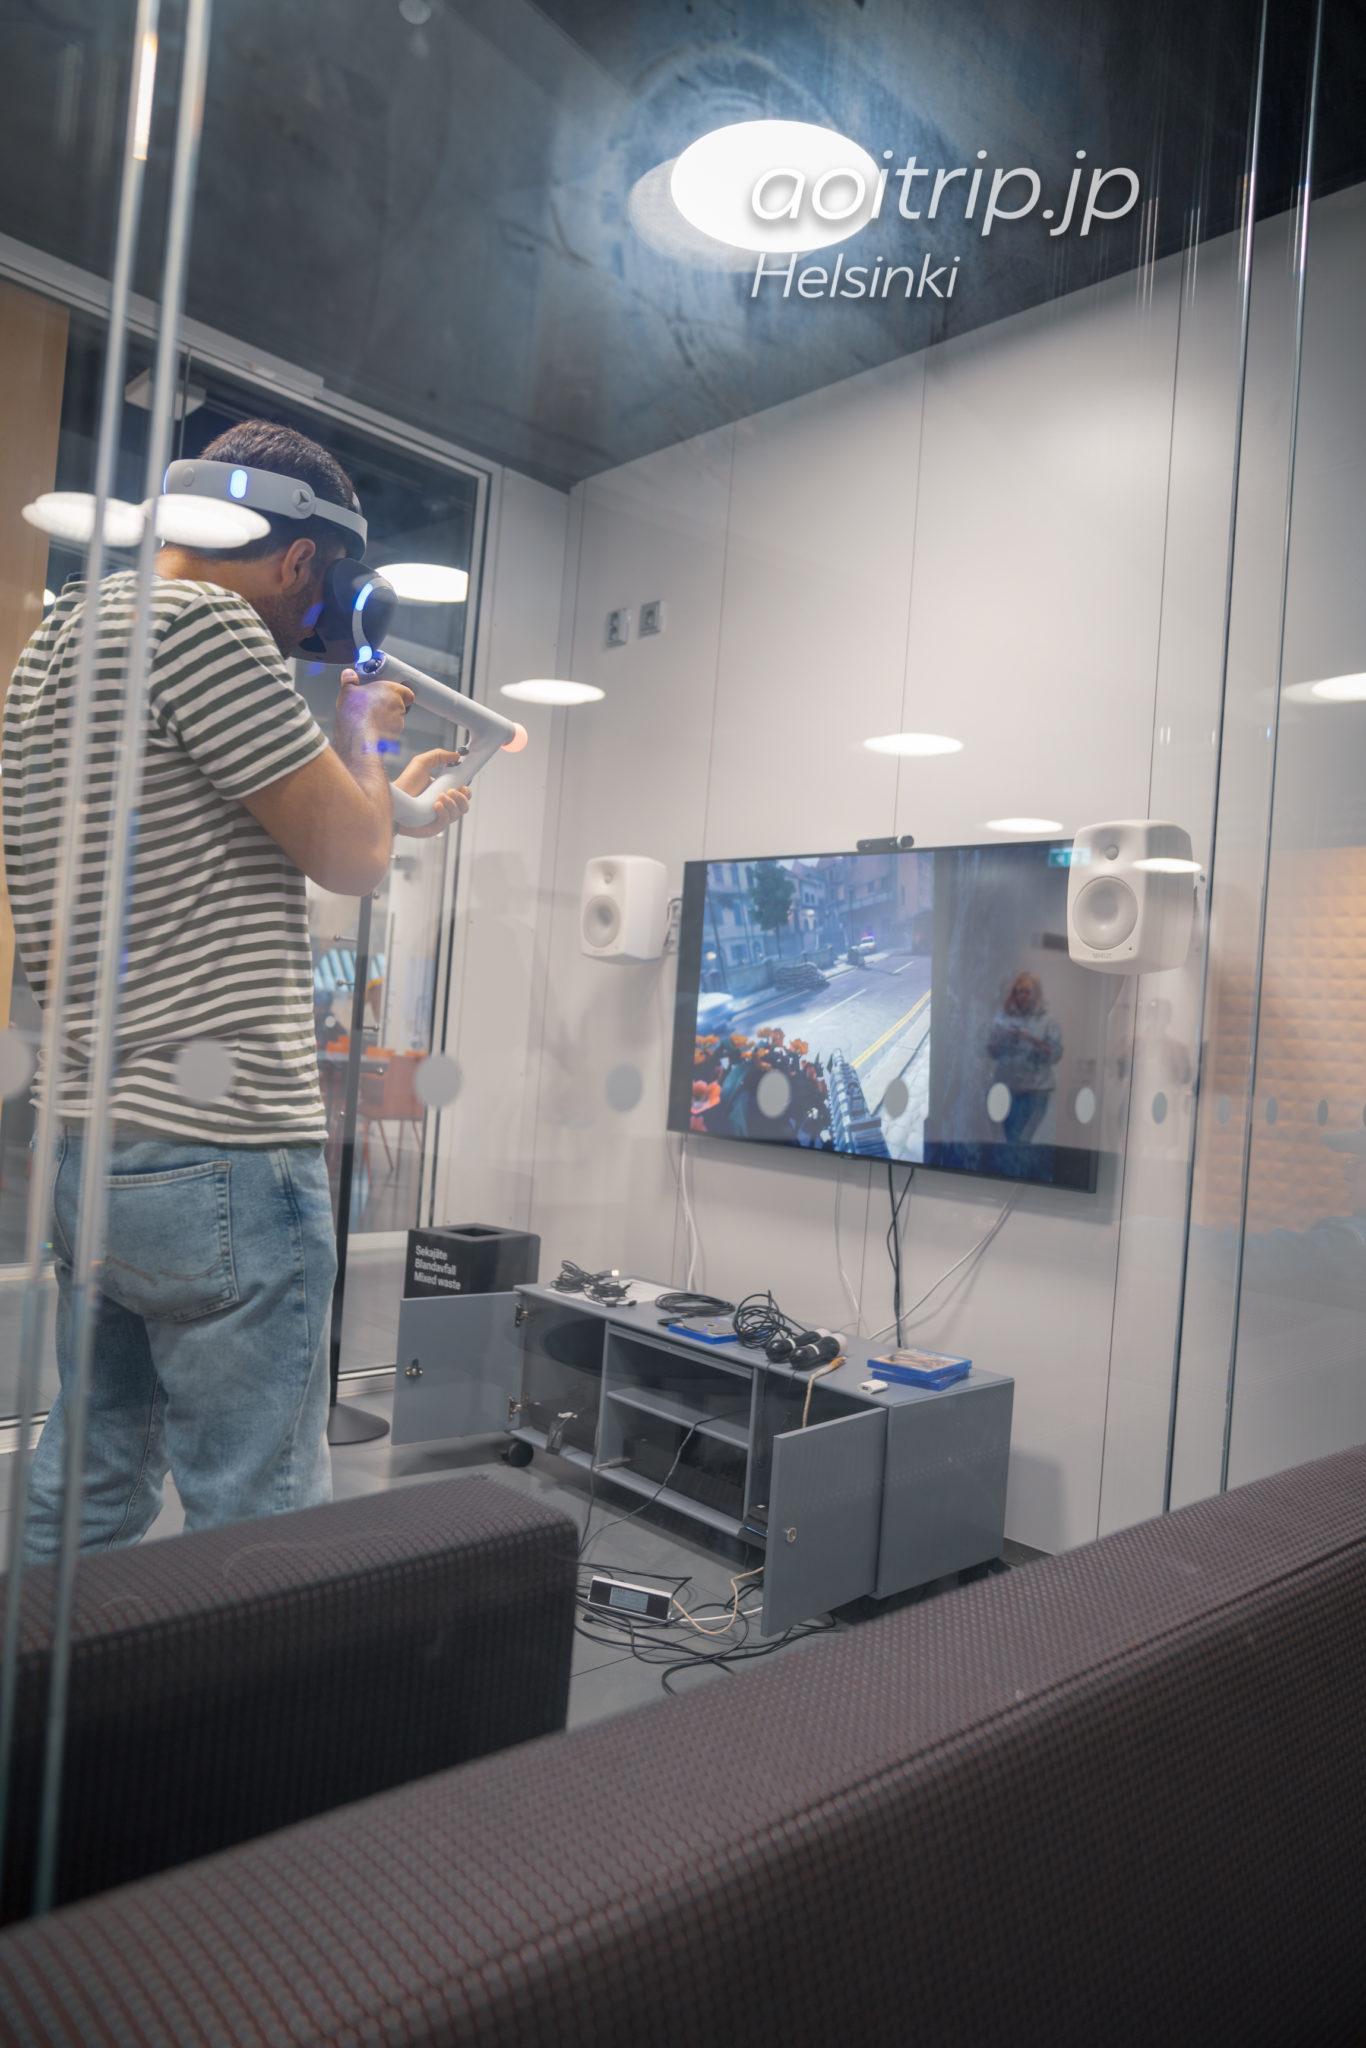 ヘルシンキ中央図書館の2階 VRゲーム部屋